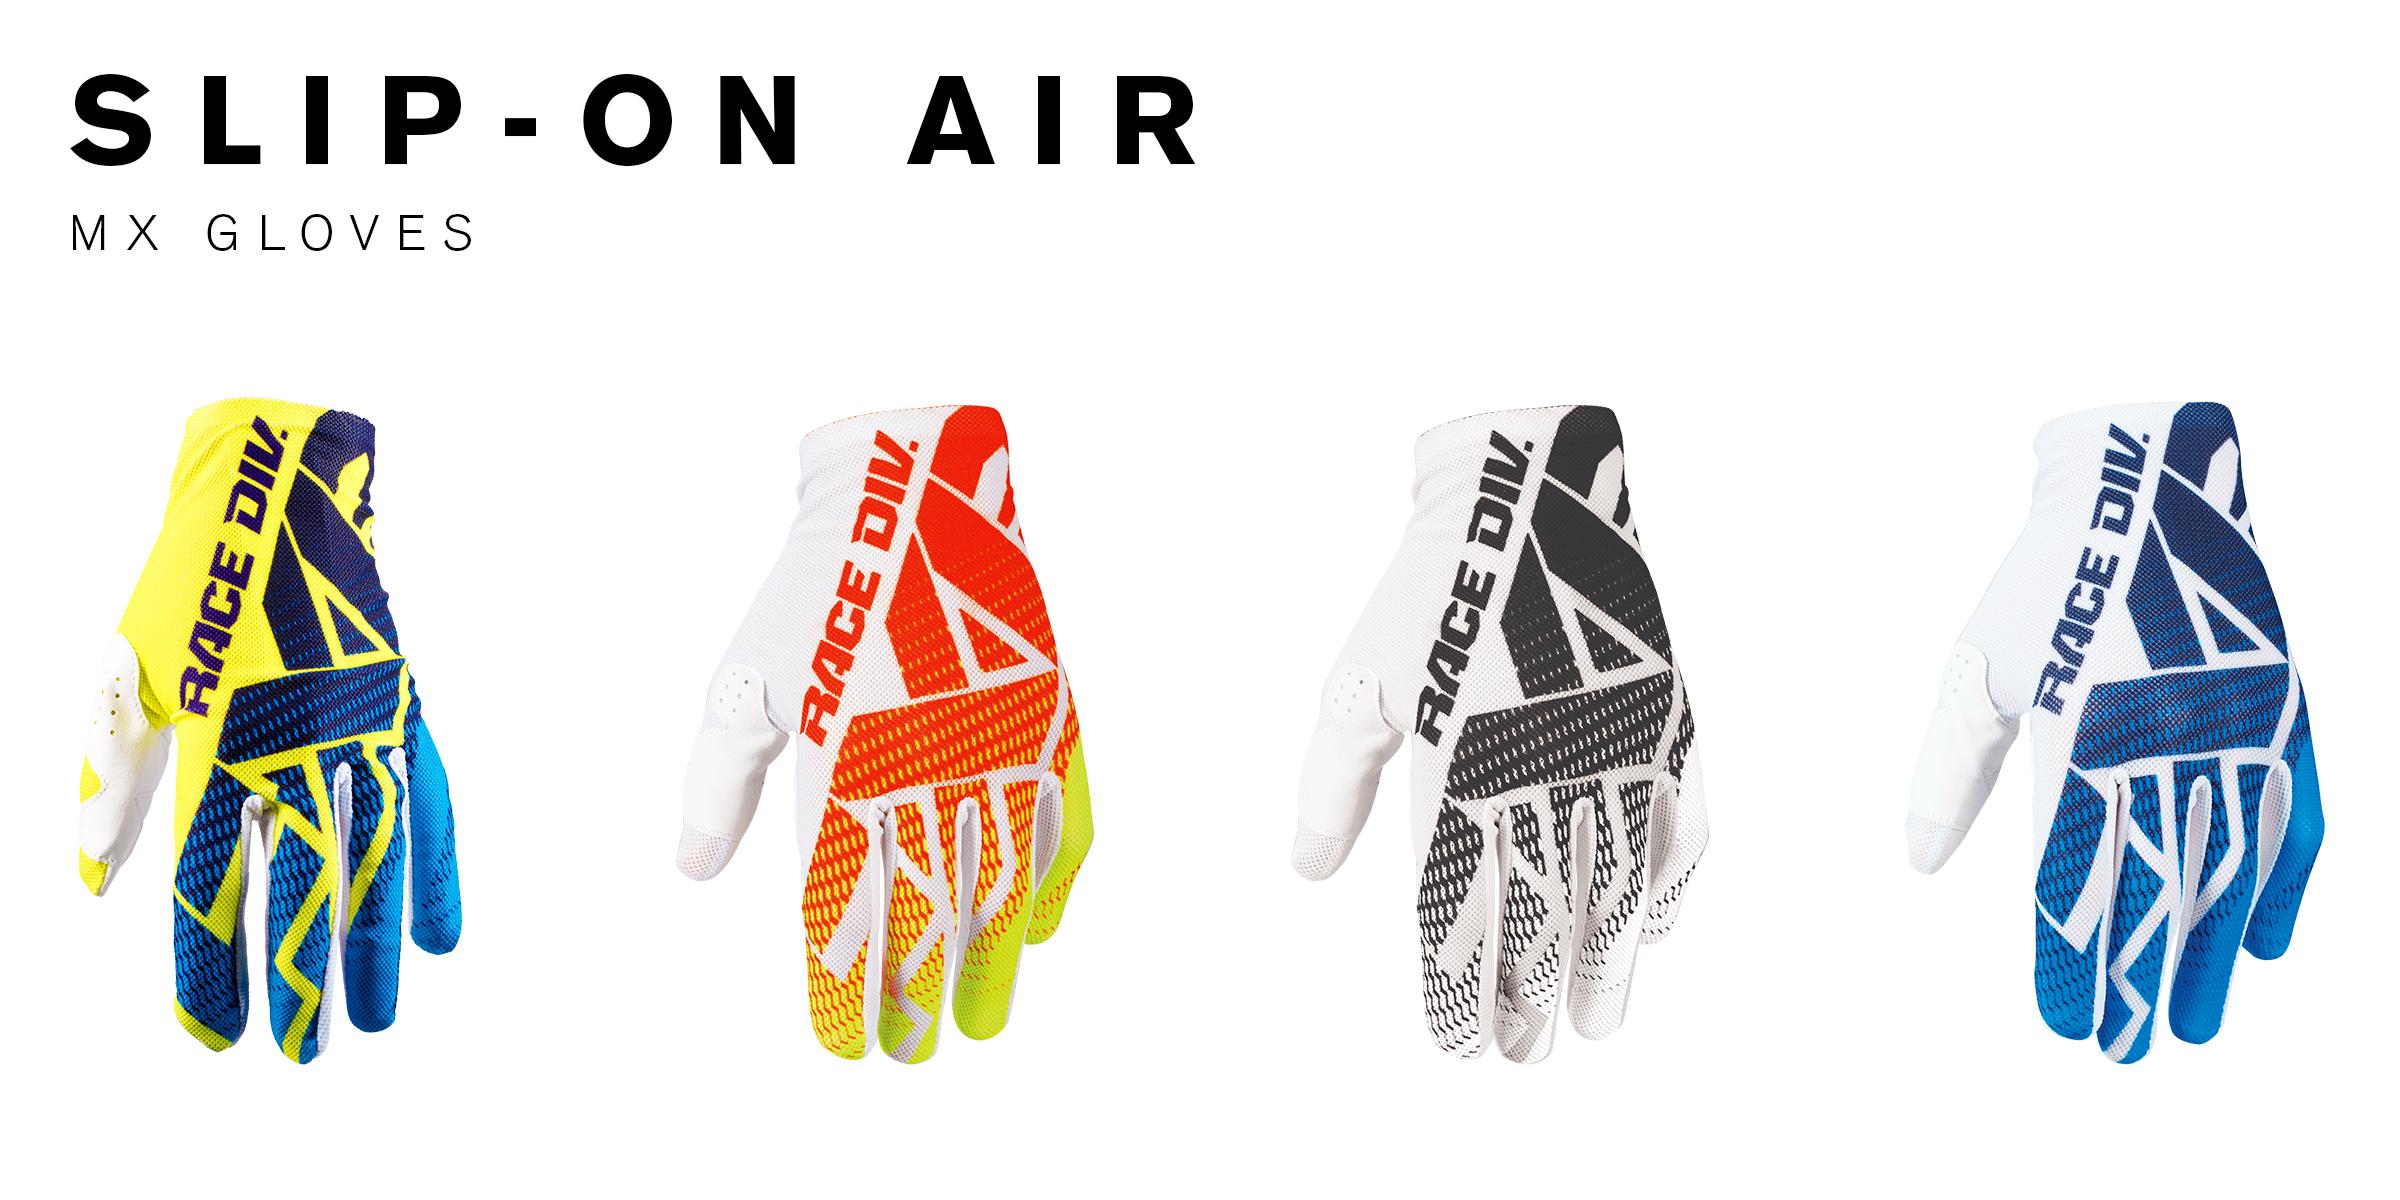 Slip-on Air MX gloves 2018.jpg